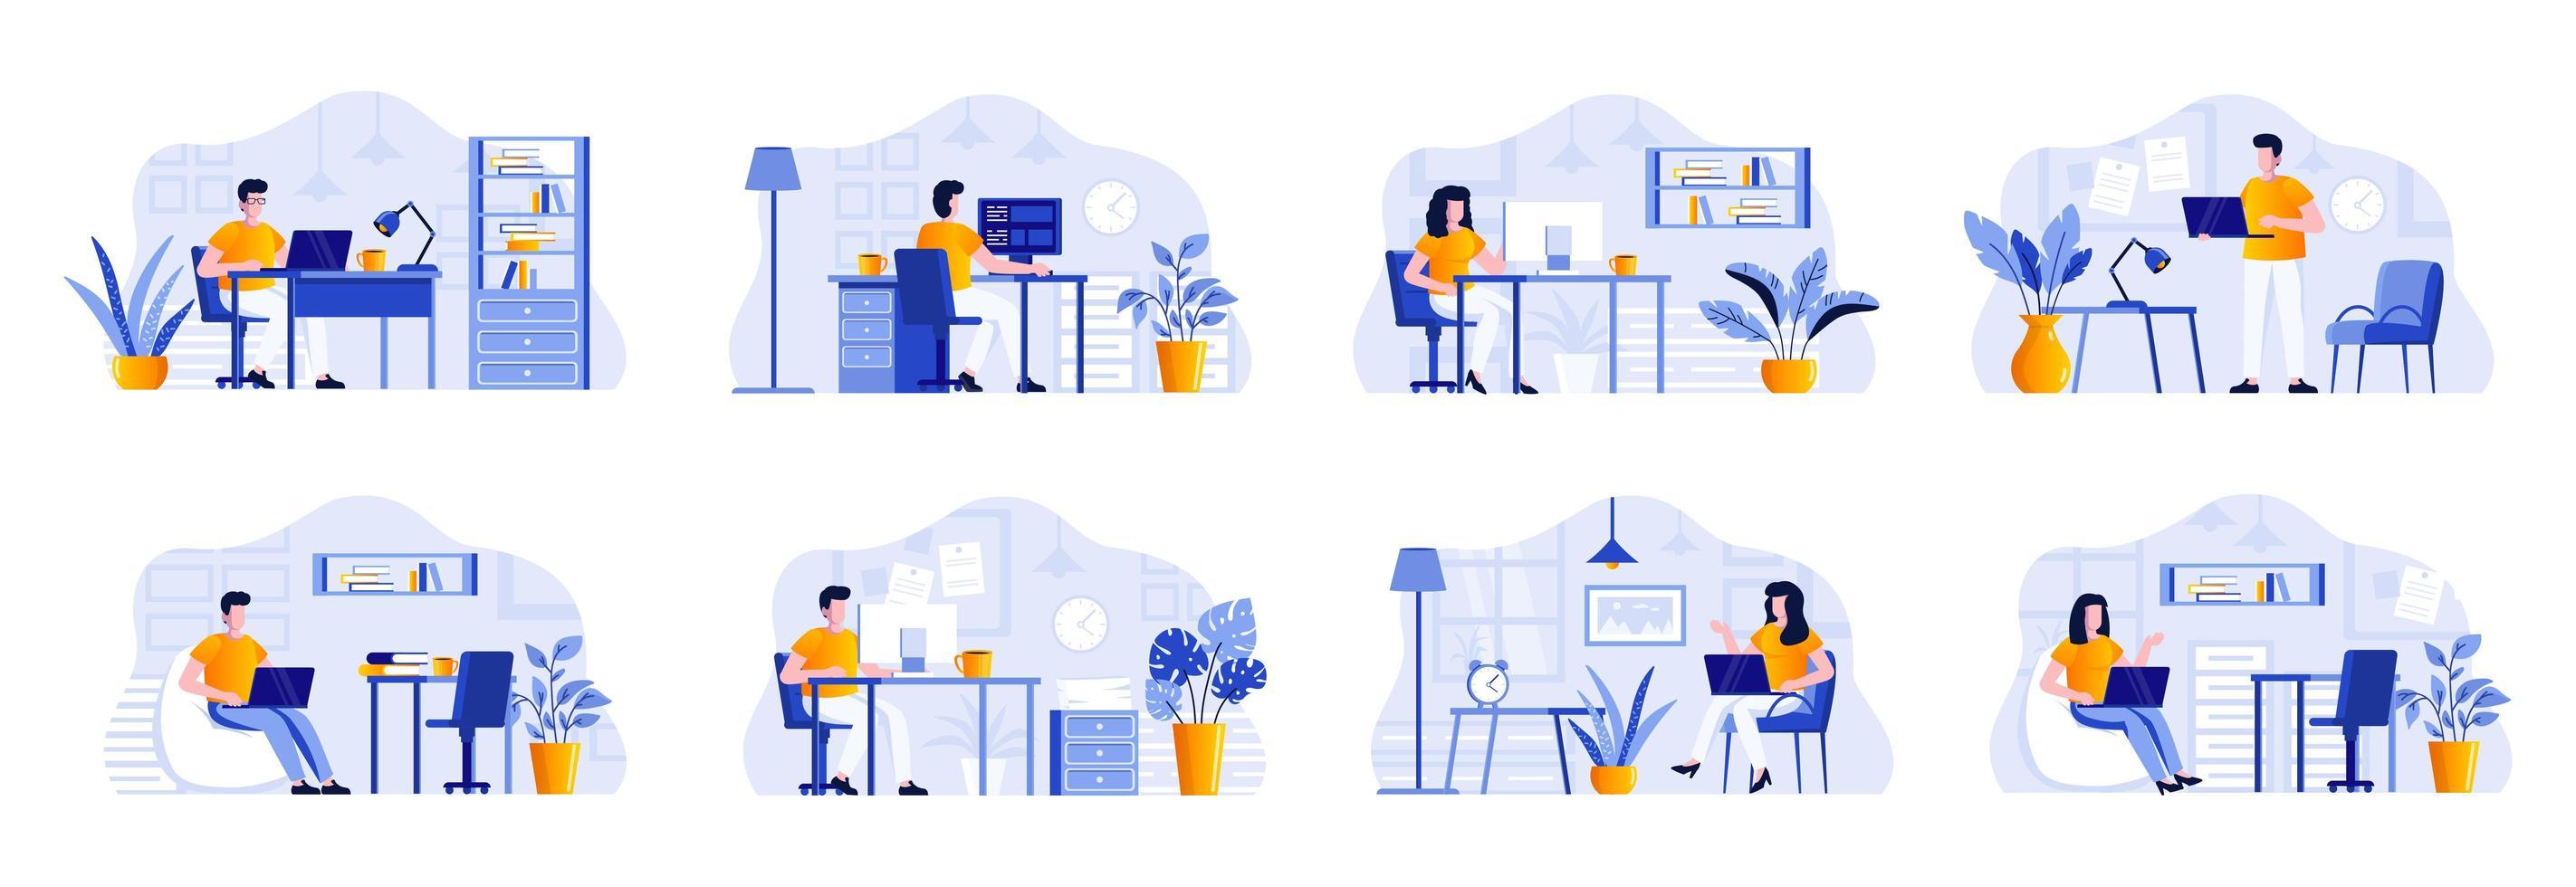 bureau de coworking avec des personnes vecteur